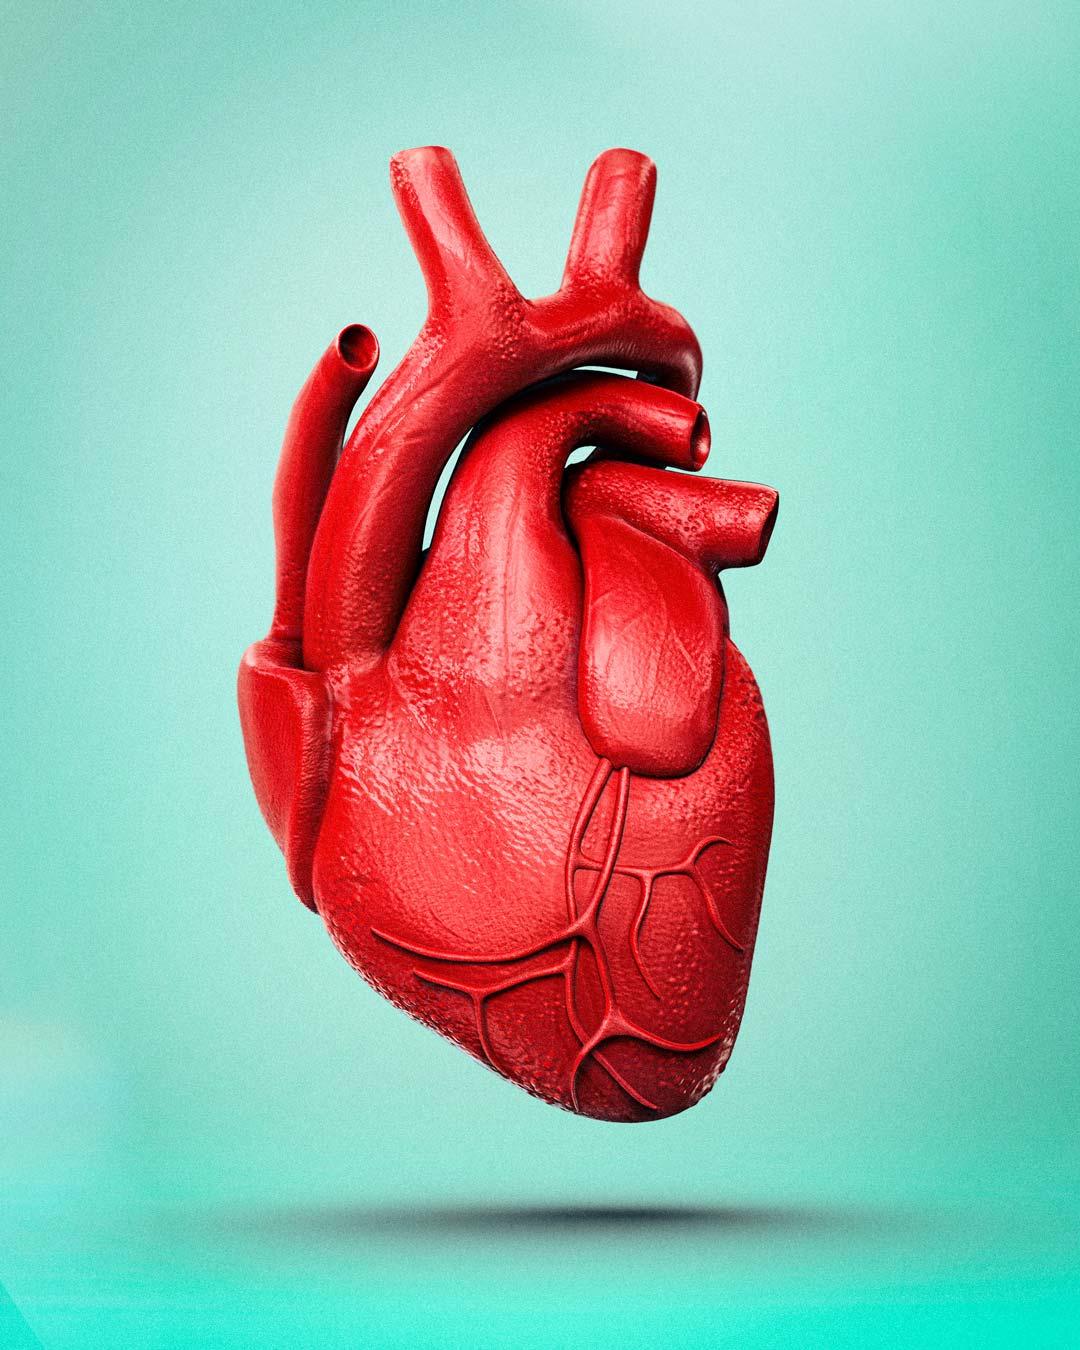 Heart by Adam Ingle